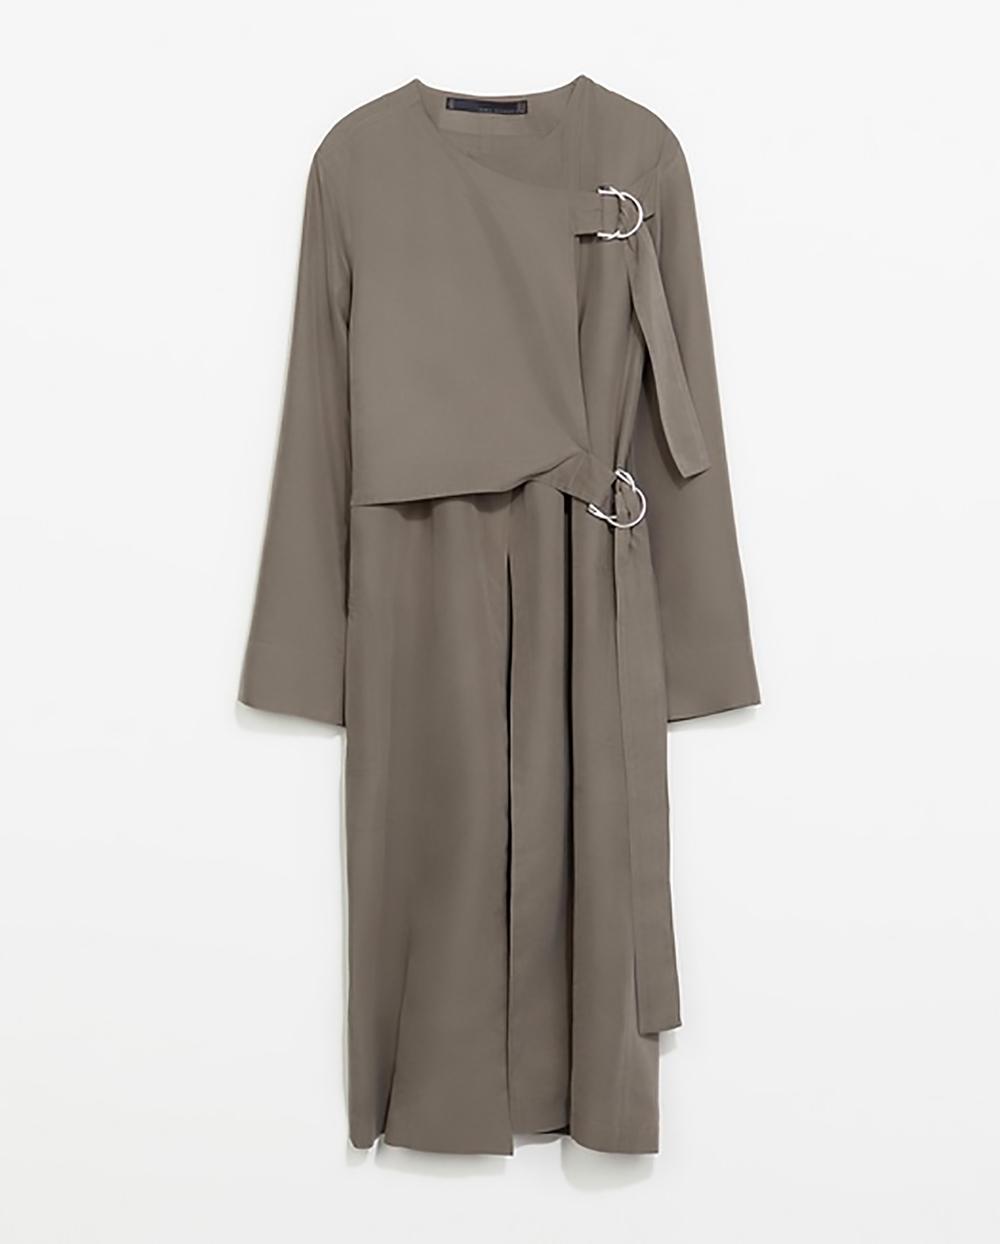 zara UK studio loose fit trenchcoat with buckles 1500.jpg